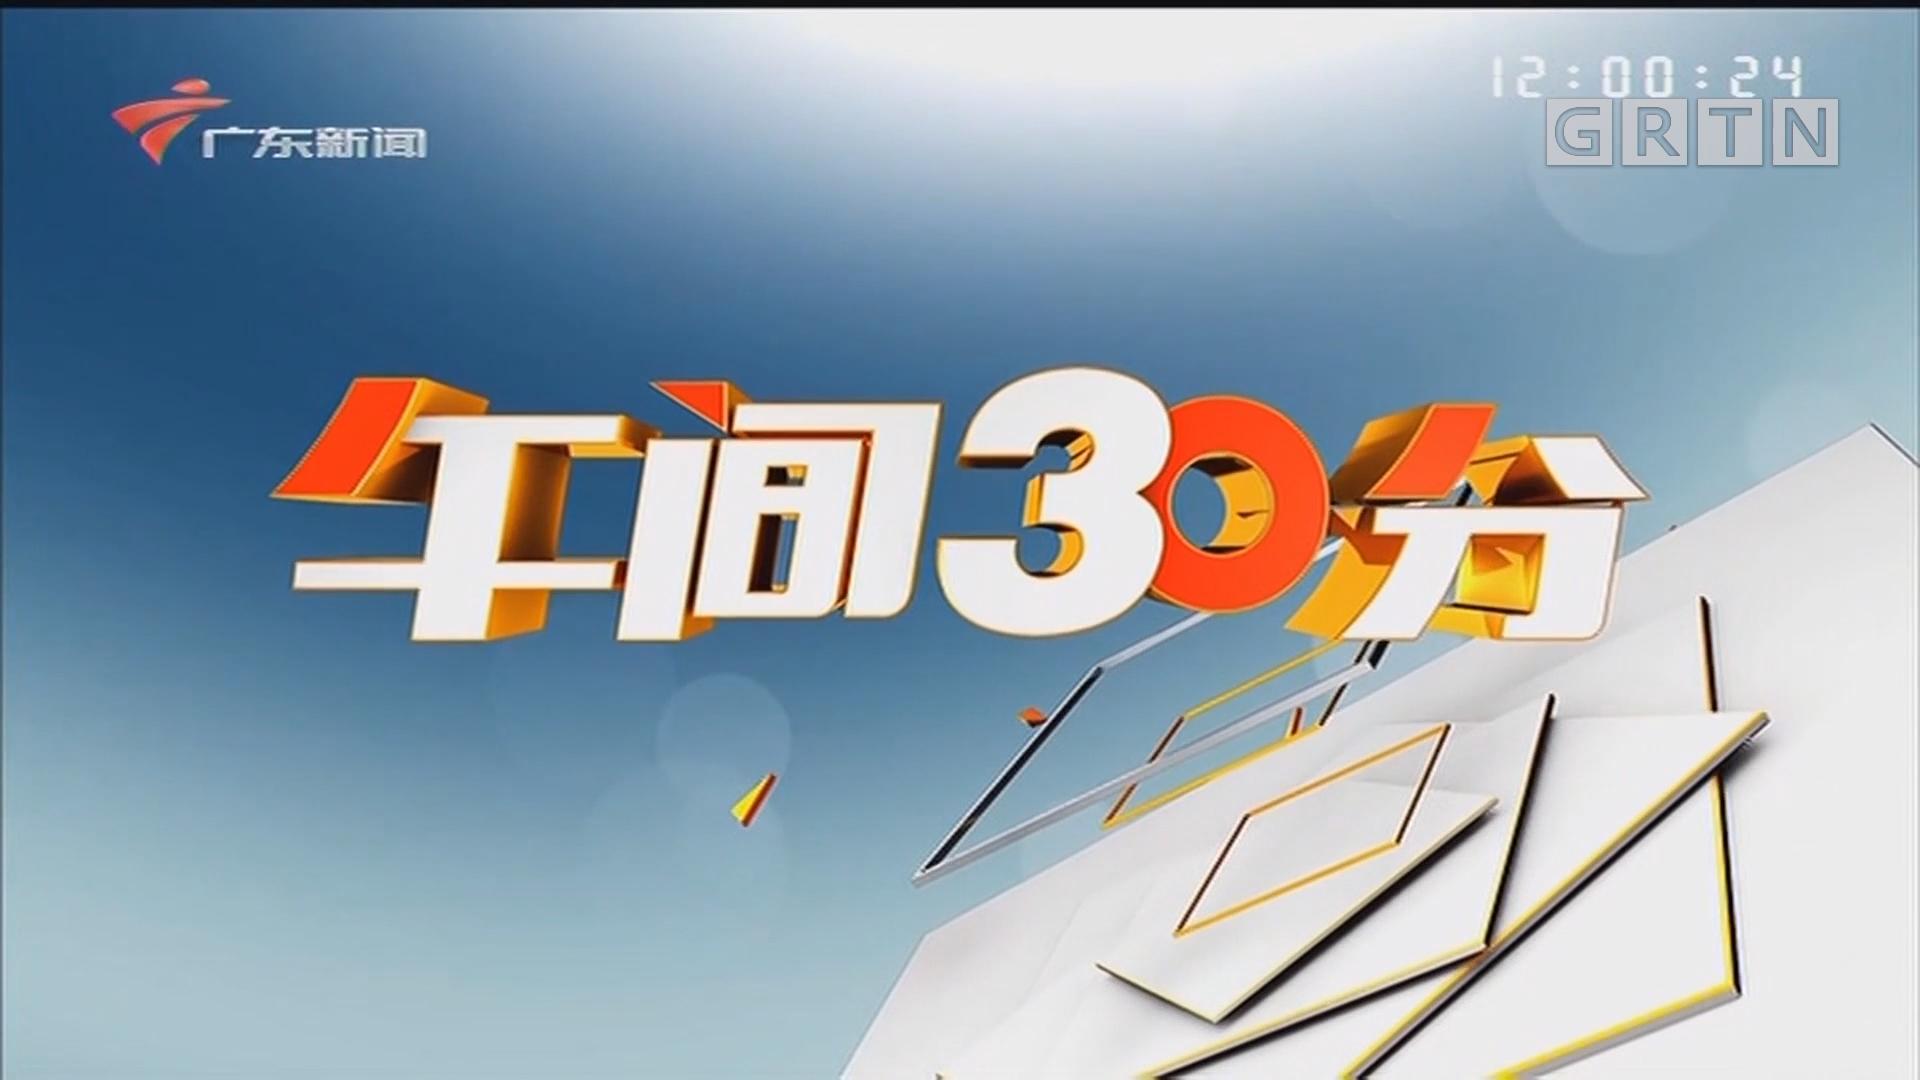 [HD][2020-05-08]午间30分:广东重大突发公共卫生事件响应调整为三级:广东响应级别调整 商场超市餐馆等将全面开放